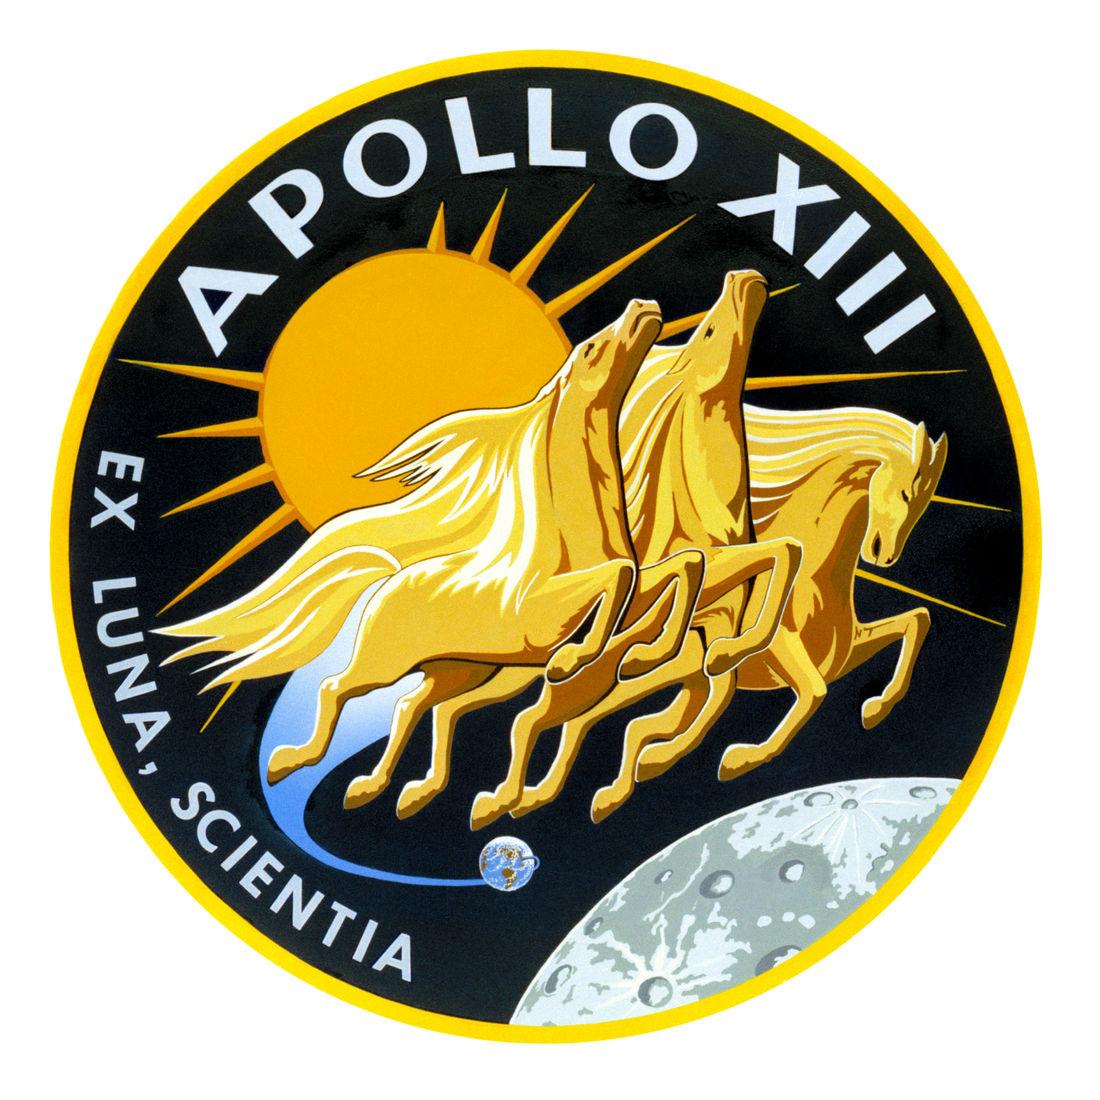 Apollo13.jpg 3,969×3,969 pixels